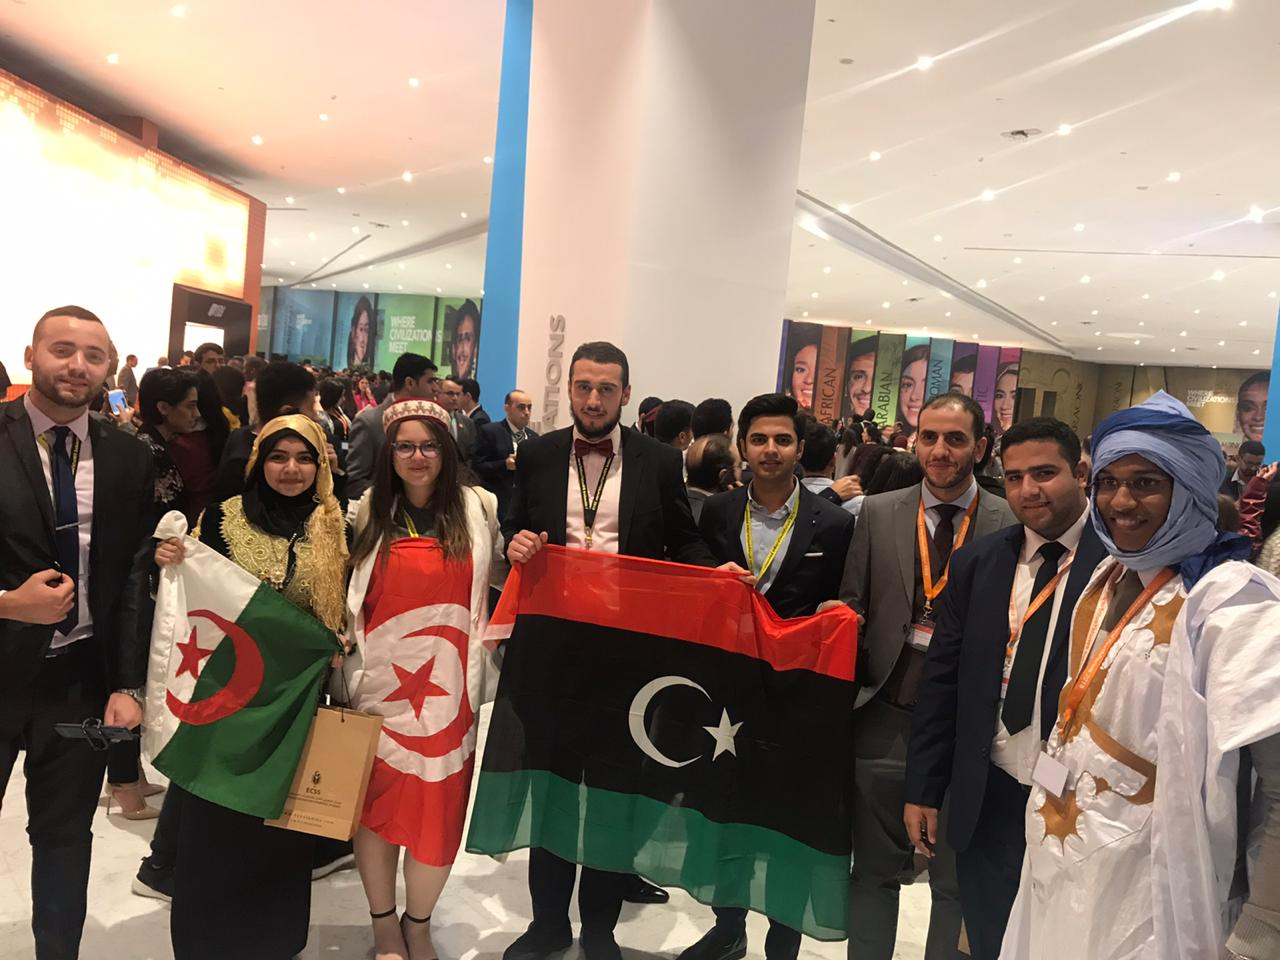 الشباب يرفعون الأعلام بعد انتهاء حفل الافتتاح بشرم (12)